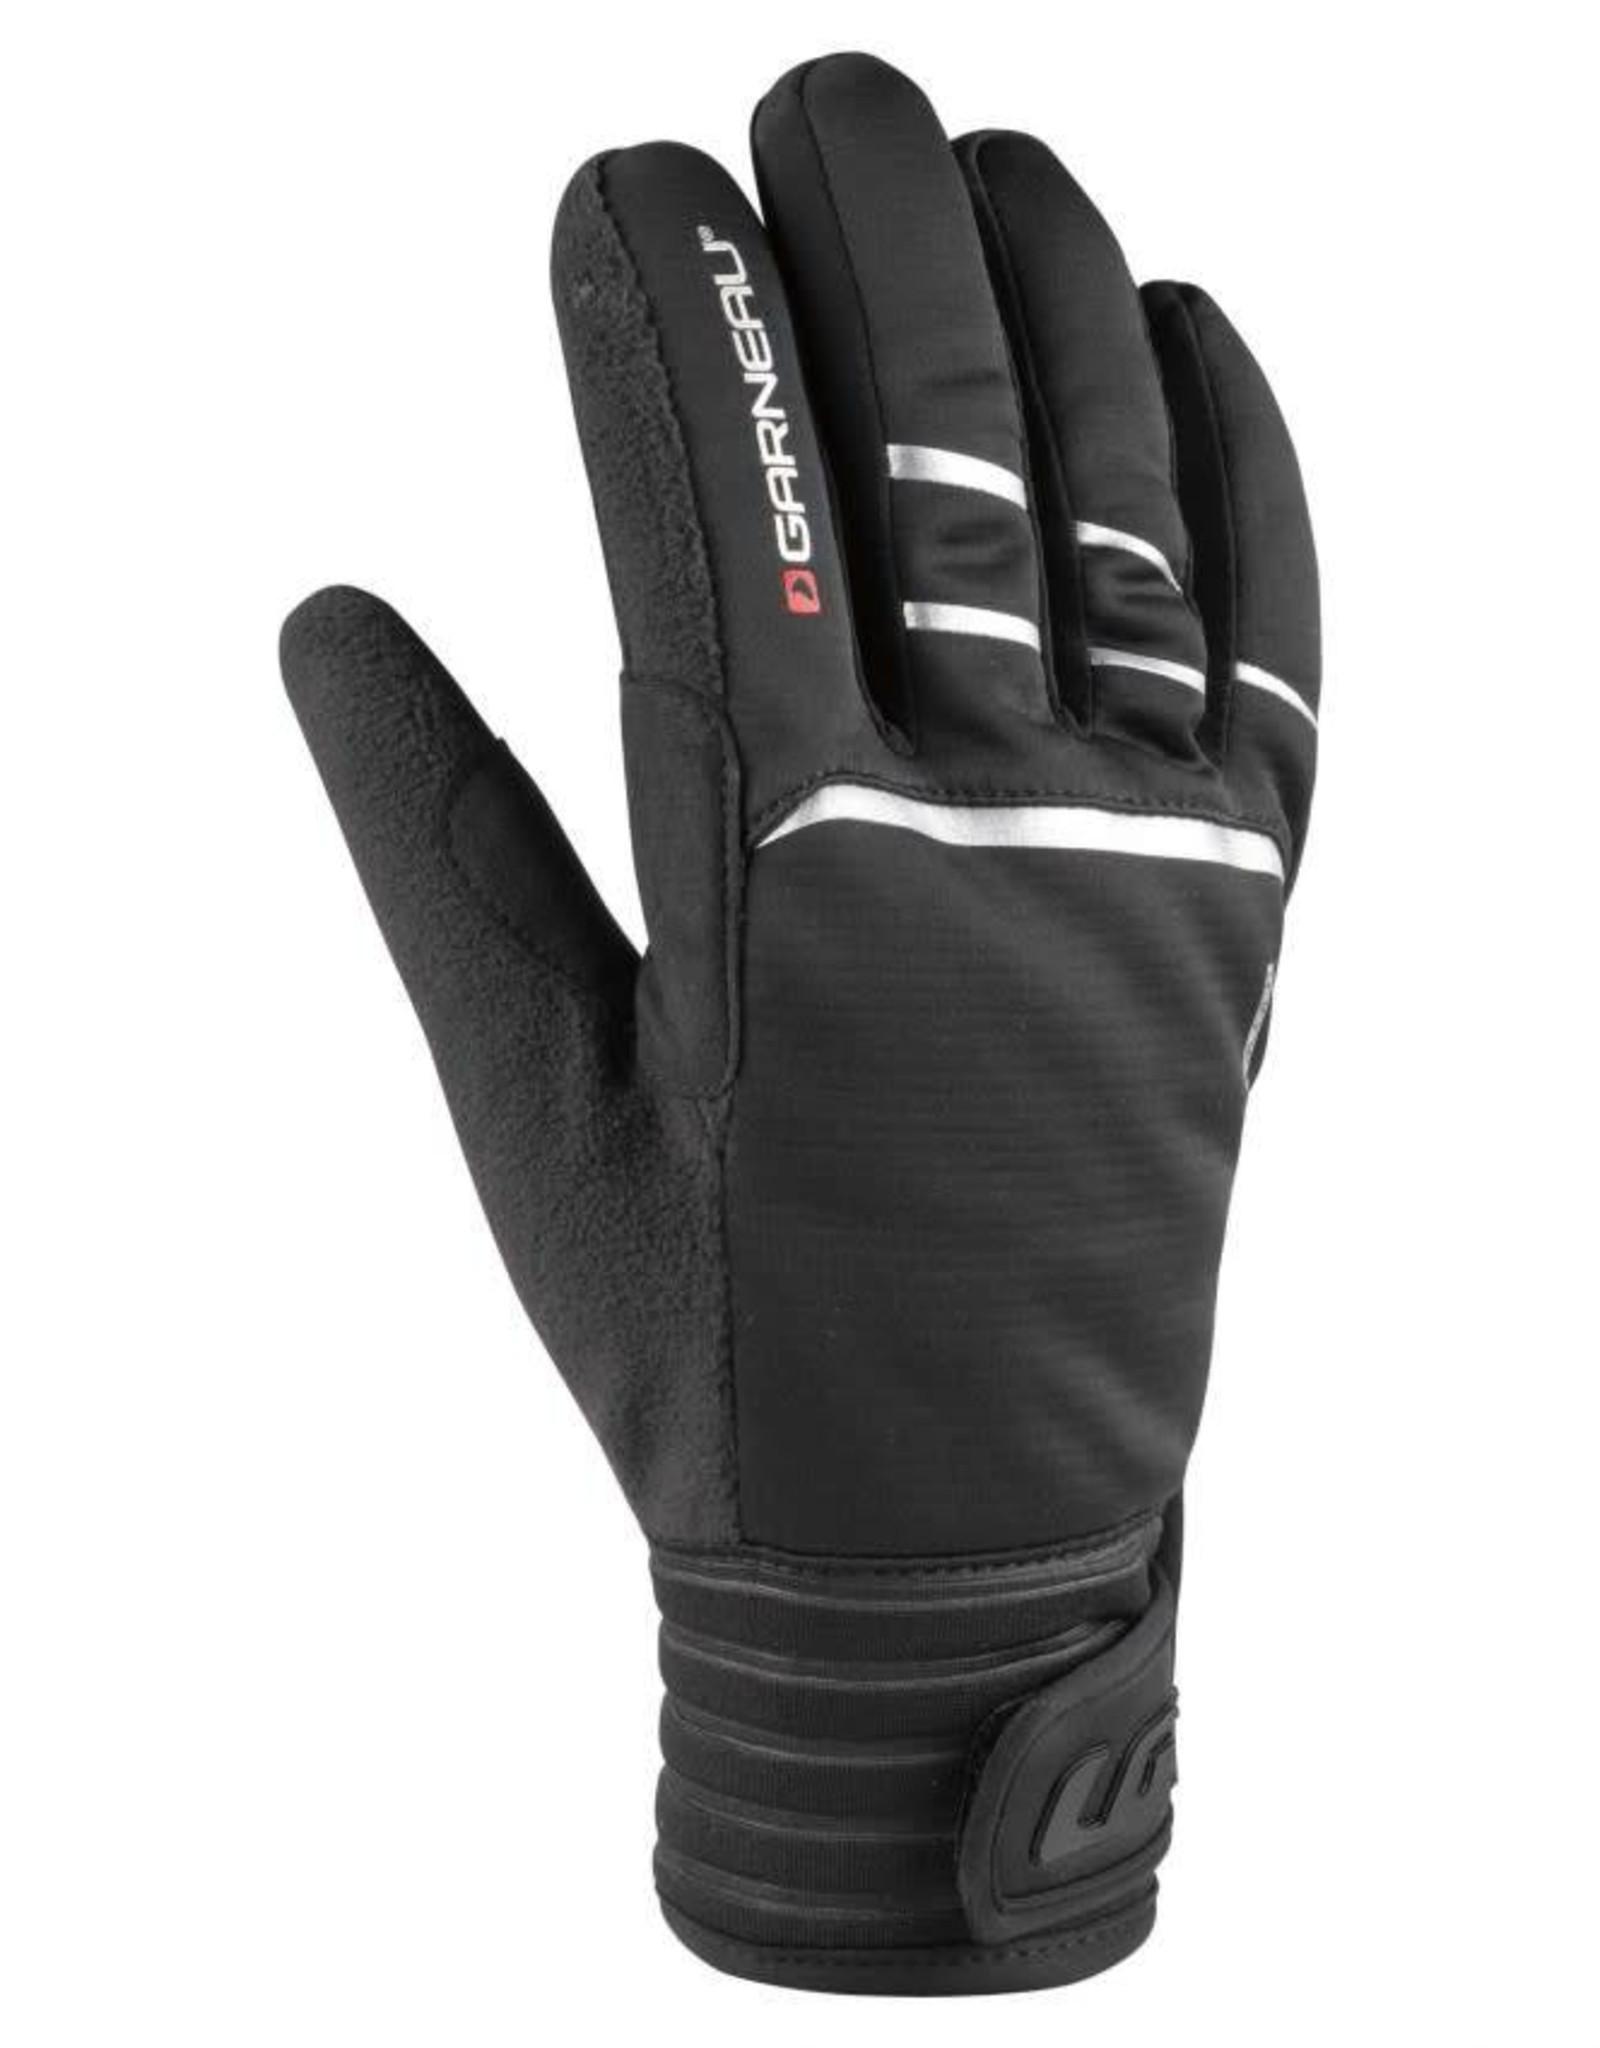 Louis Garneau LG Verano Glove Noir